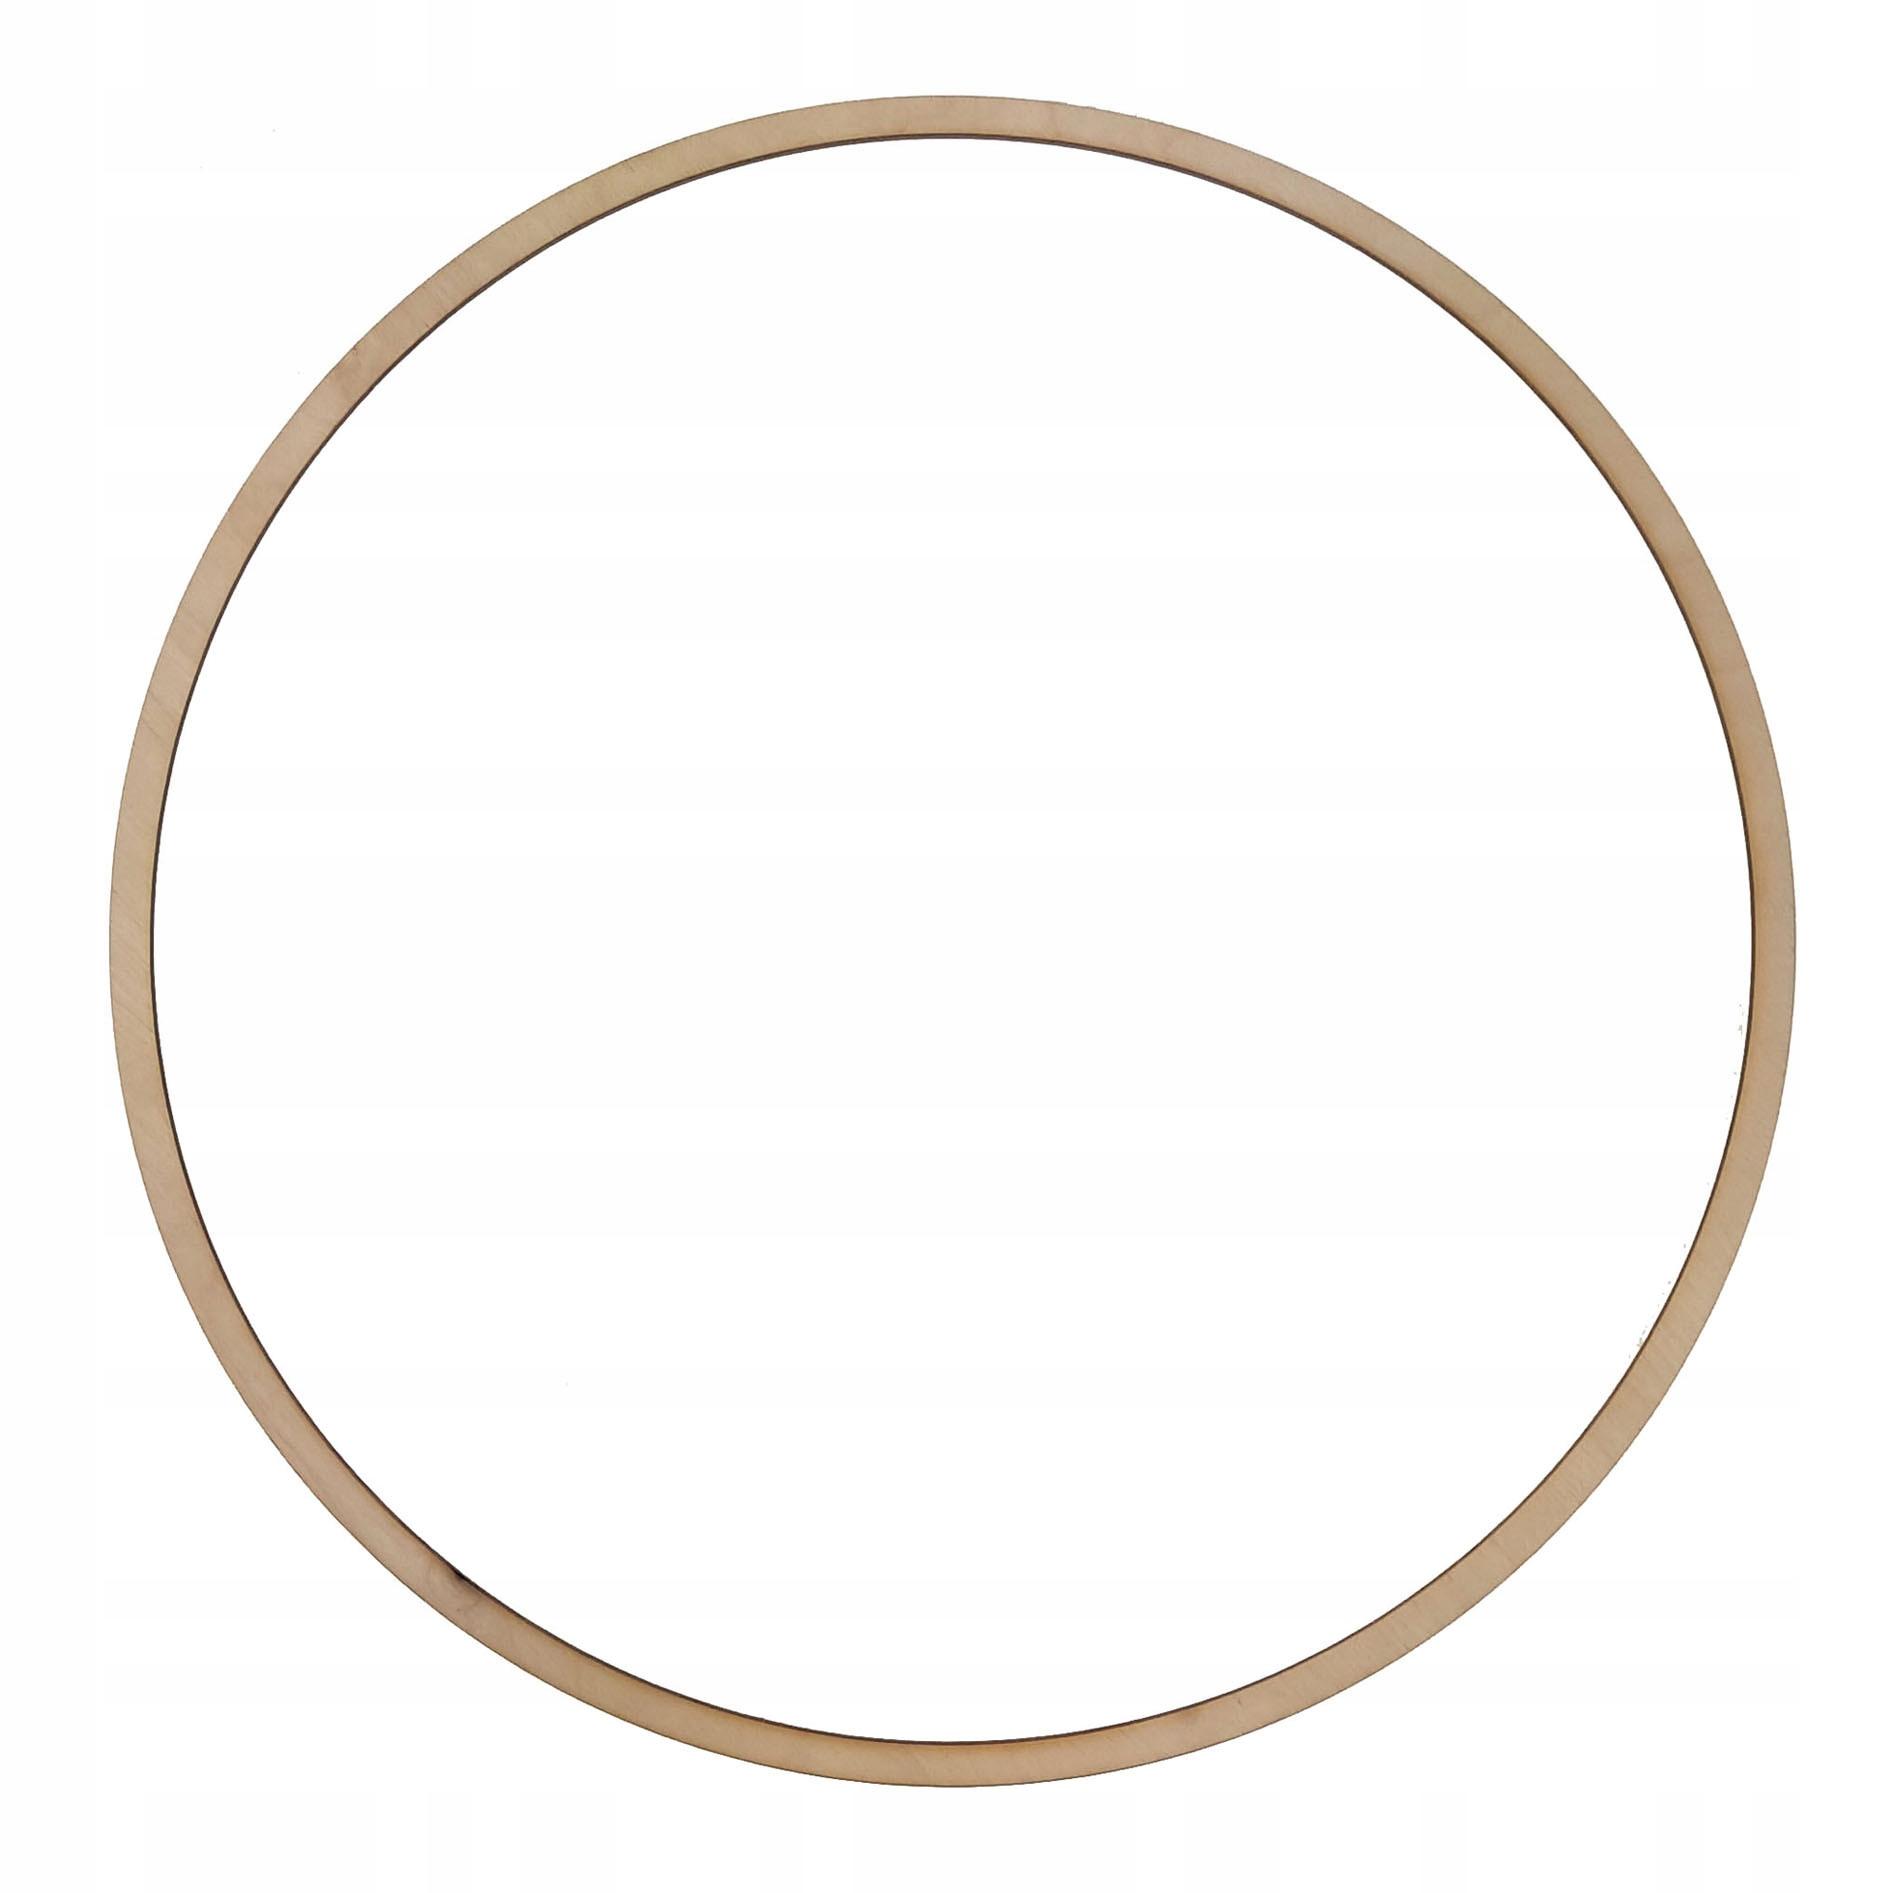 Drewniana obręcz kółko do łapacza snów - 44 cm